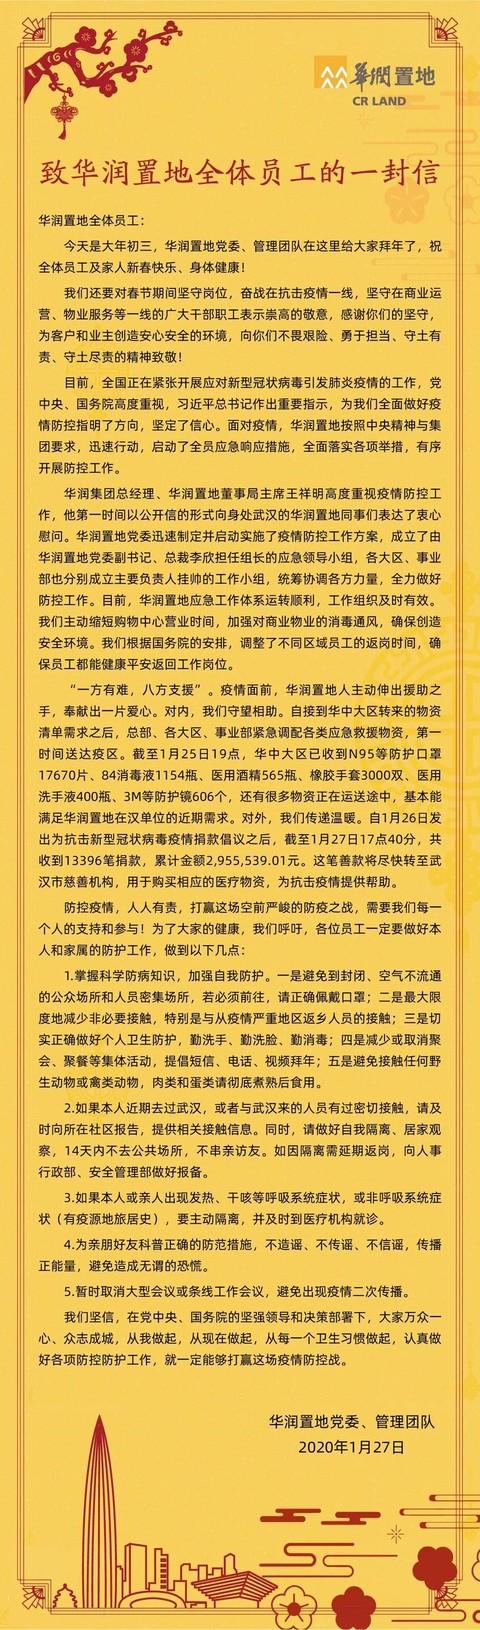 央企地产商抗击肺炎:华润置地募捐295万元